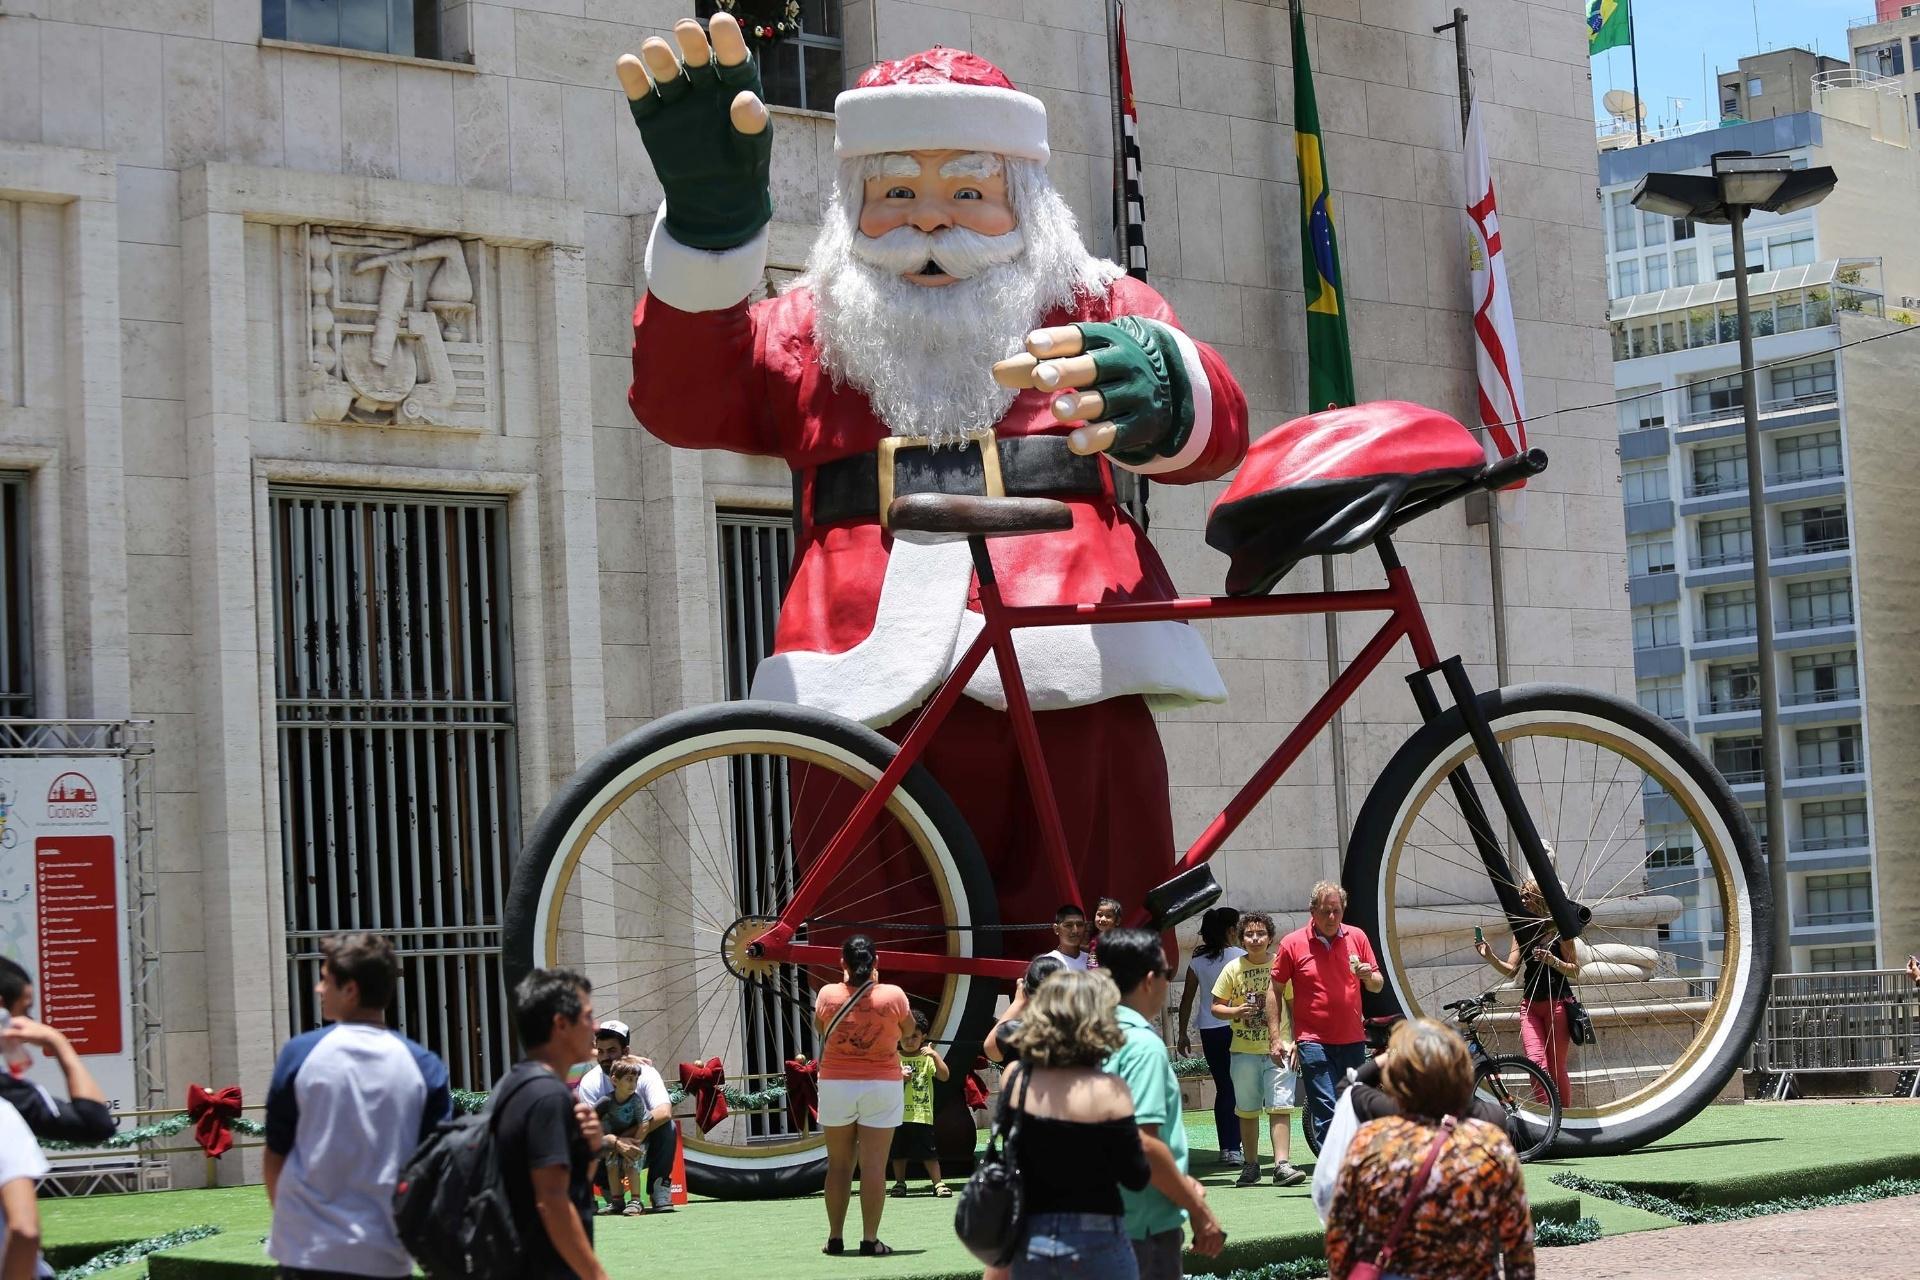 20.dez.2014 - Pessoas observam e tiram fotos com o Papai Noel gigante que enfeita a frente da Prefeitura de São Paulo (SP)